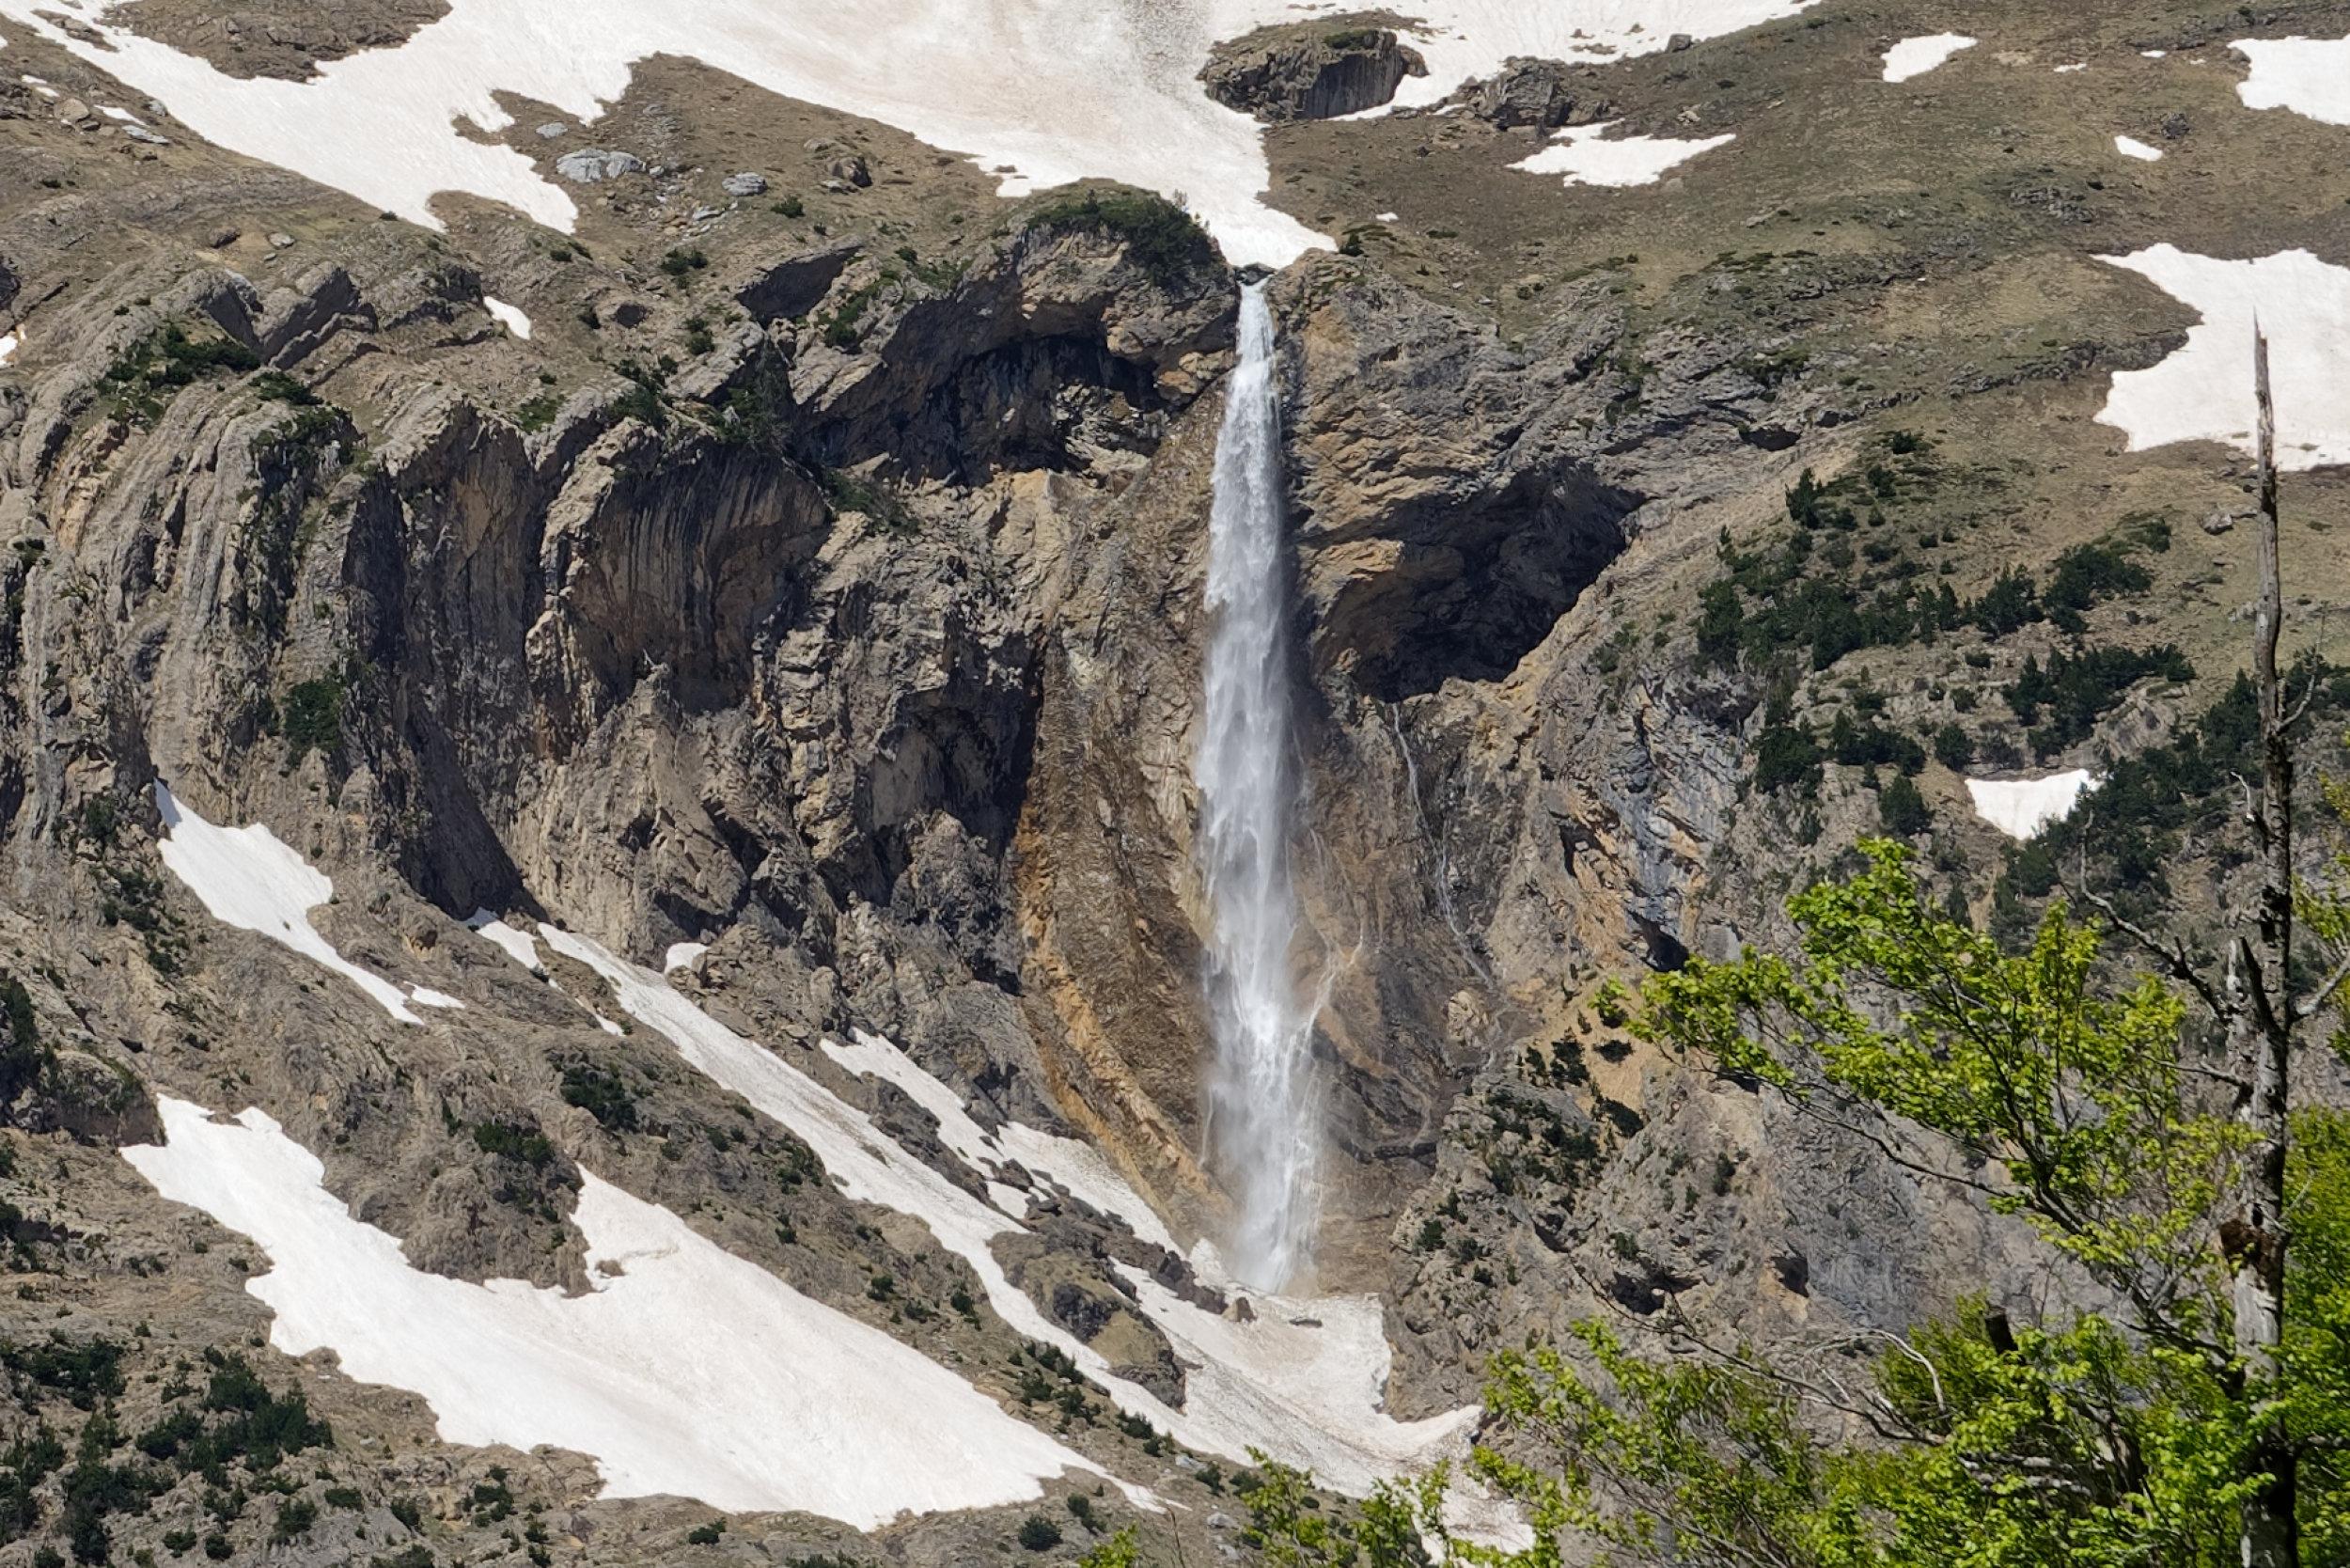 180522-Marche Cascades de la Larri (141) (Valle de Pineta-Sobrarbe-Aragon)_2